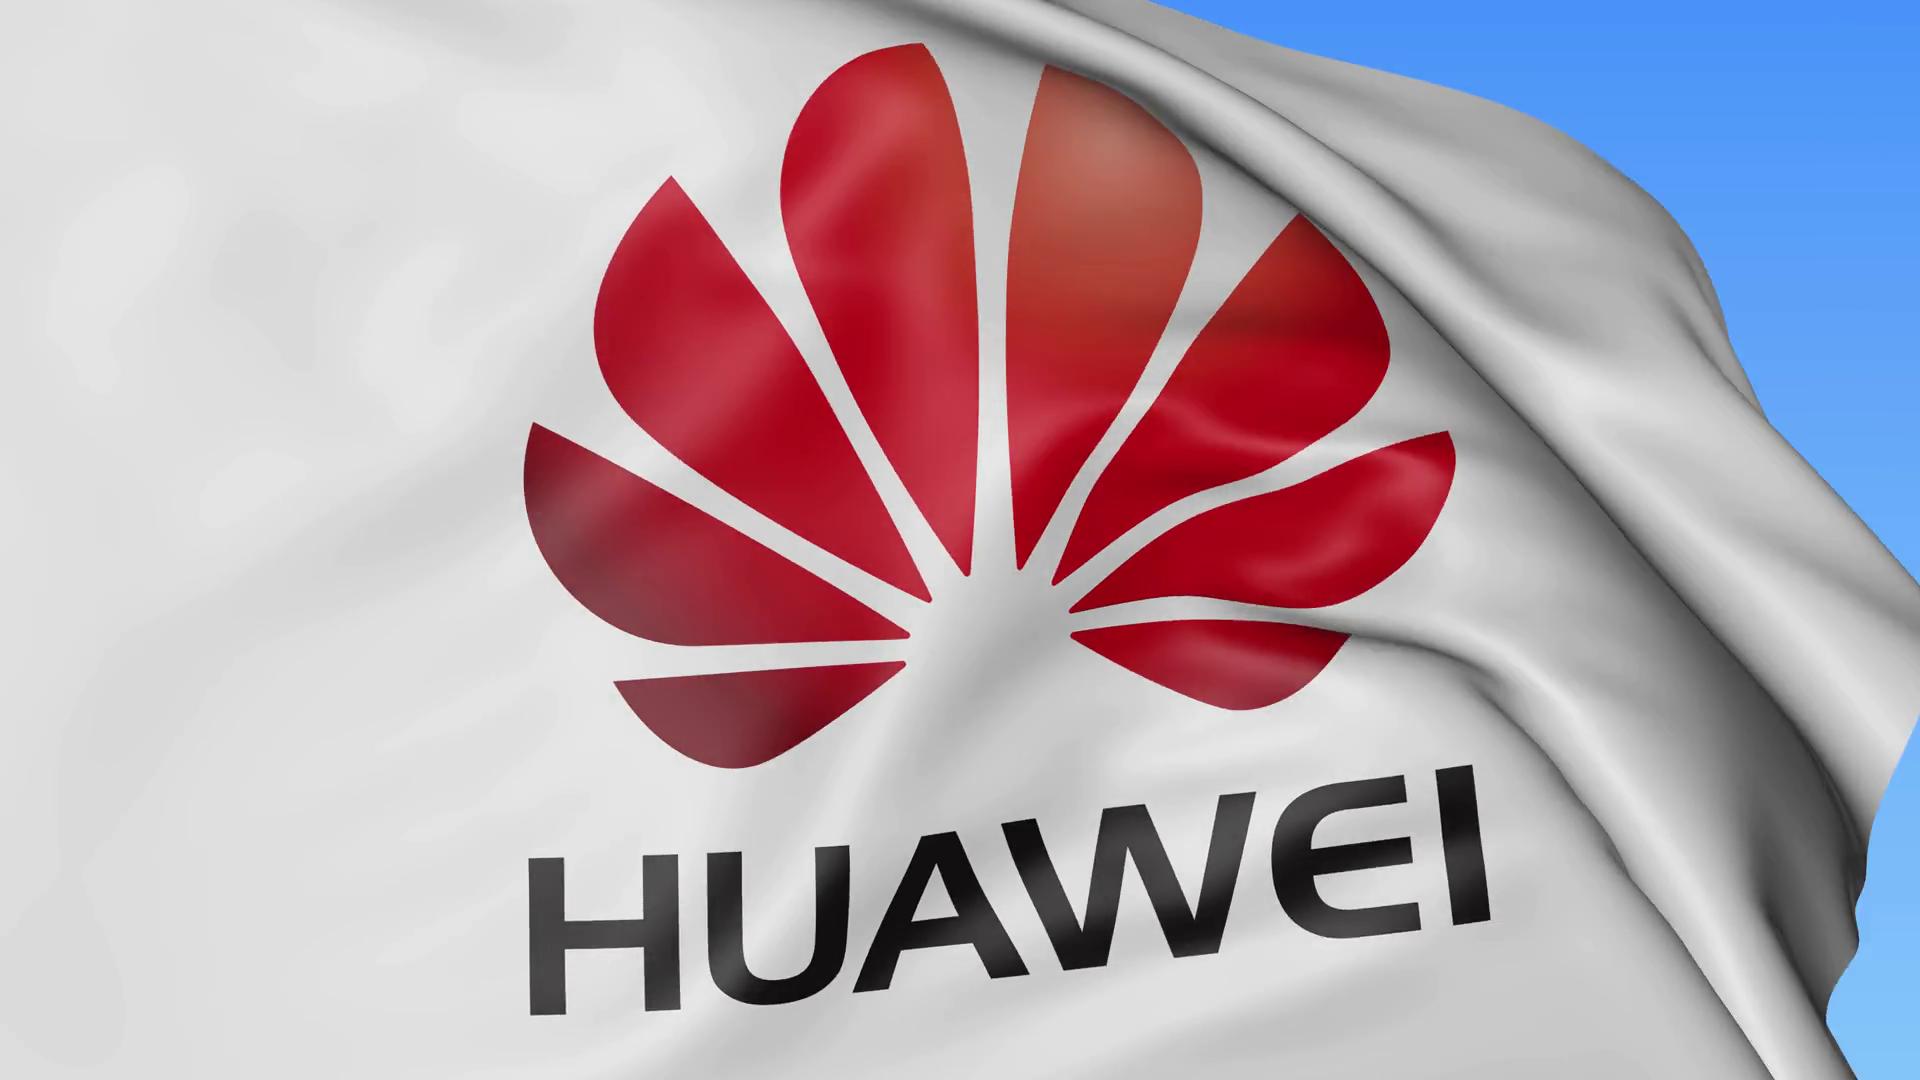 Huawei travaille activement sur son smartphone pliable pour devancer Samsung